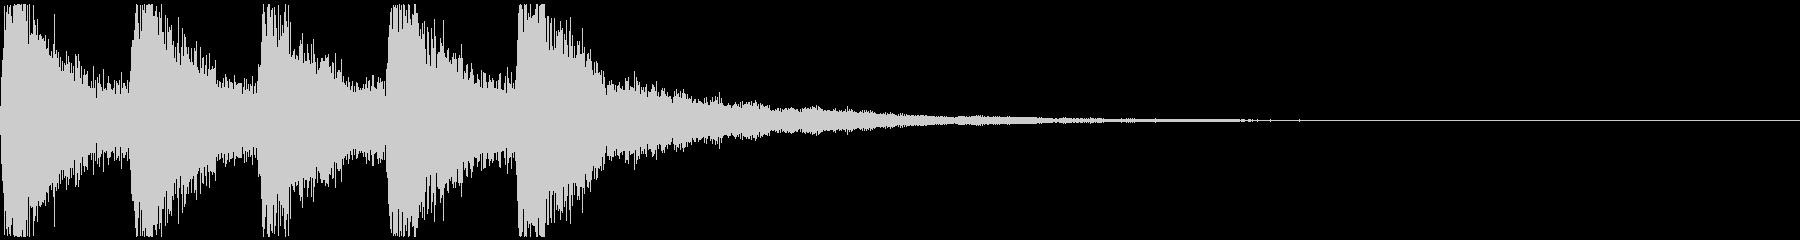 カーン、カーン、カーン(魔界の鐘の音)の未再生の波形